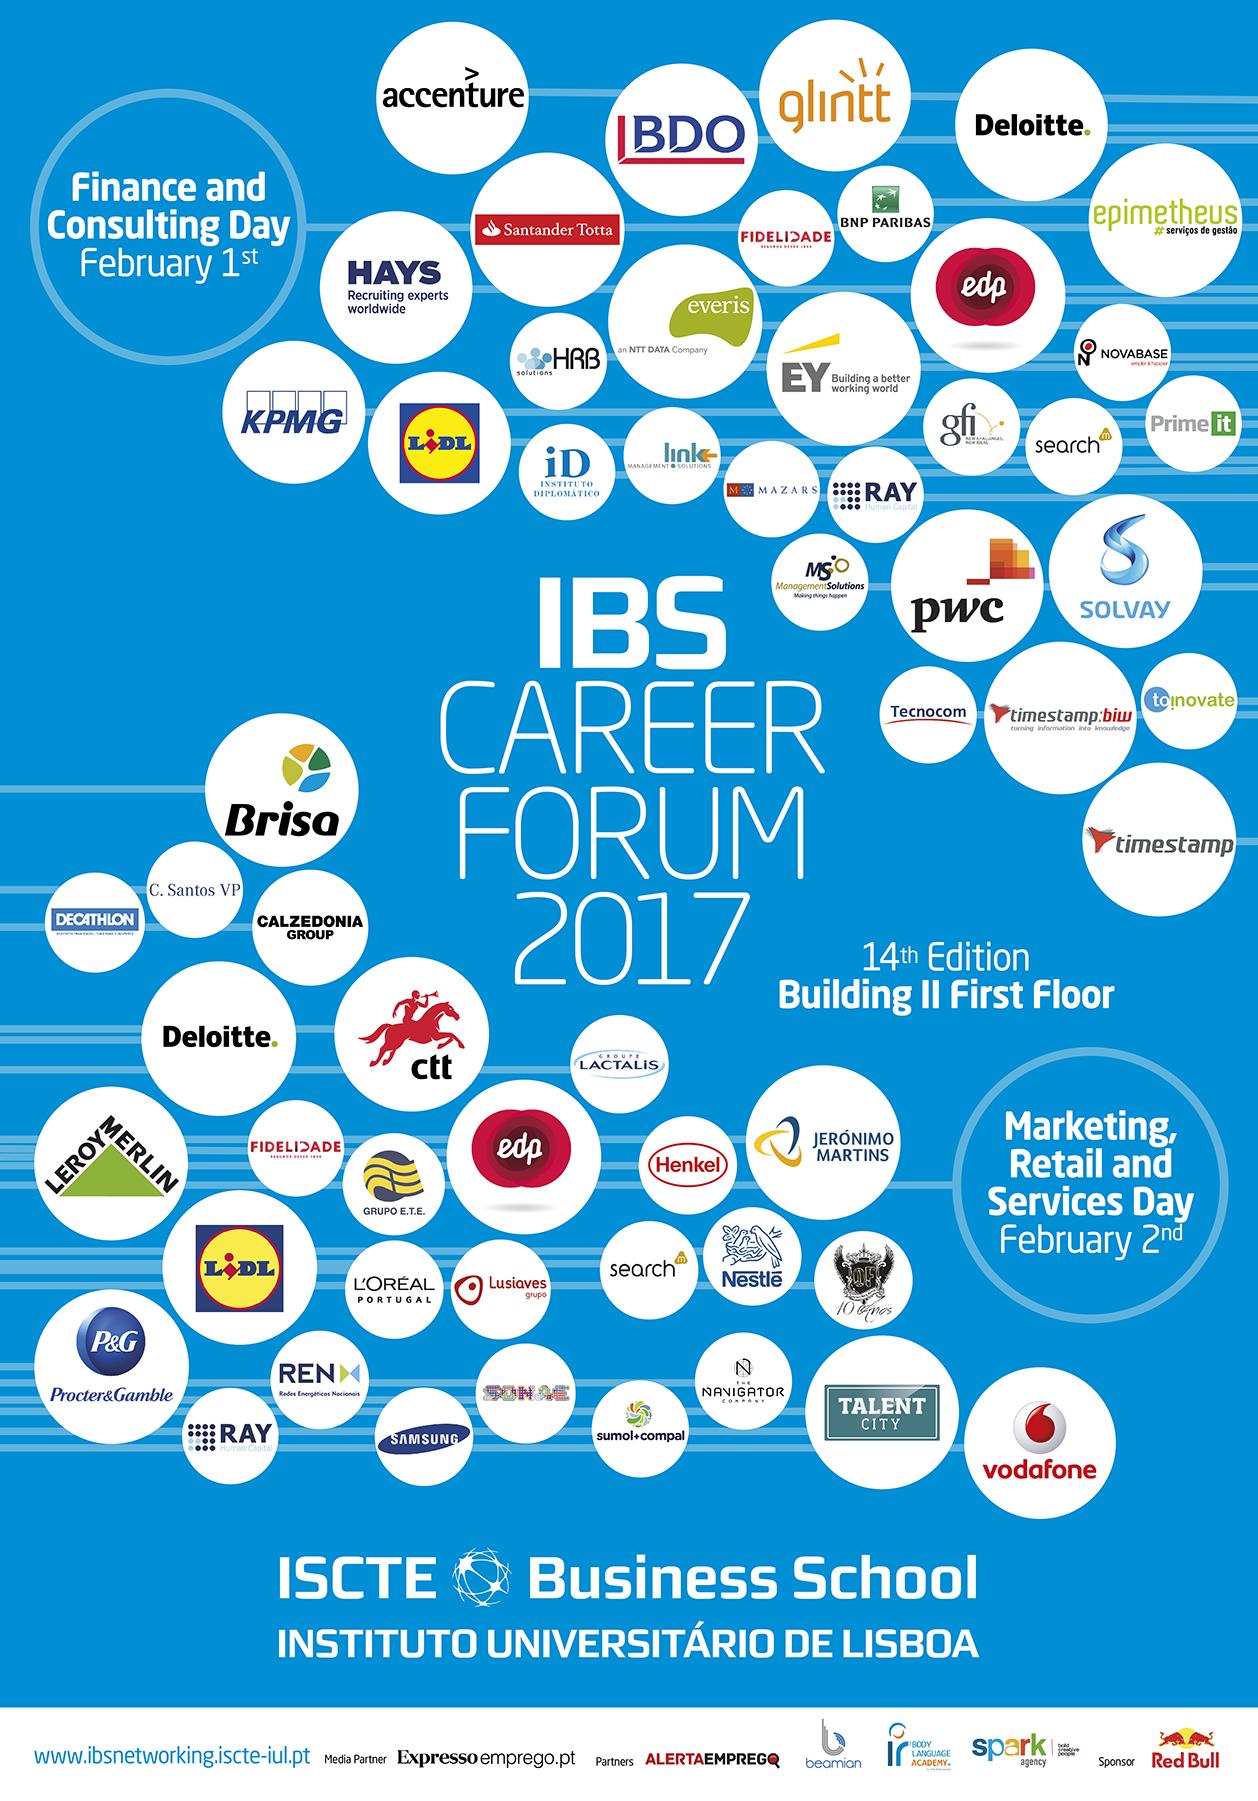 Career Forum da ISCTE BUSINESS School regressa em fevereiro